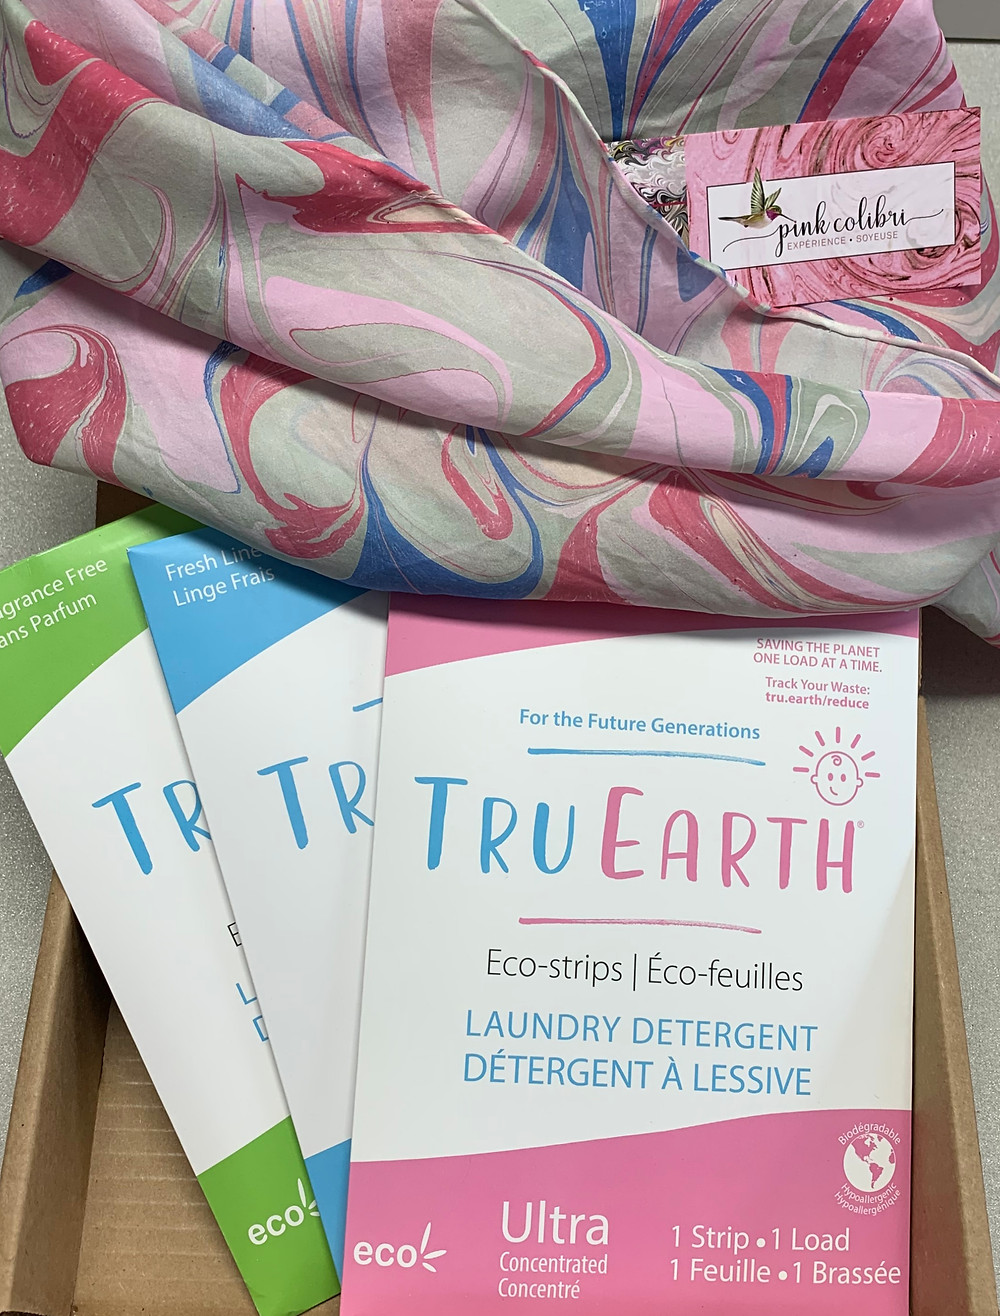 Bandelette de détergent à lessive écologique. Foulard de soie peint sur l'eau par Pink Colibri-Expérience Soyeuse.